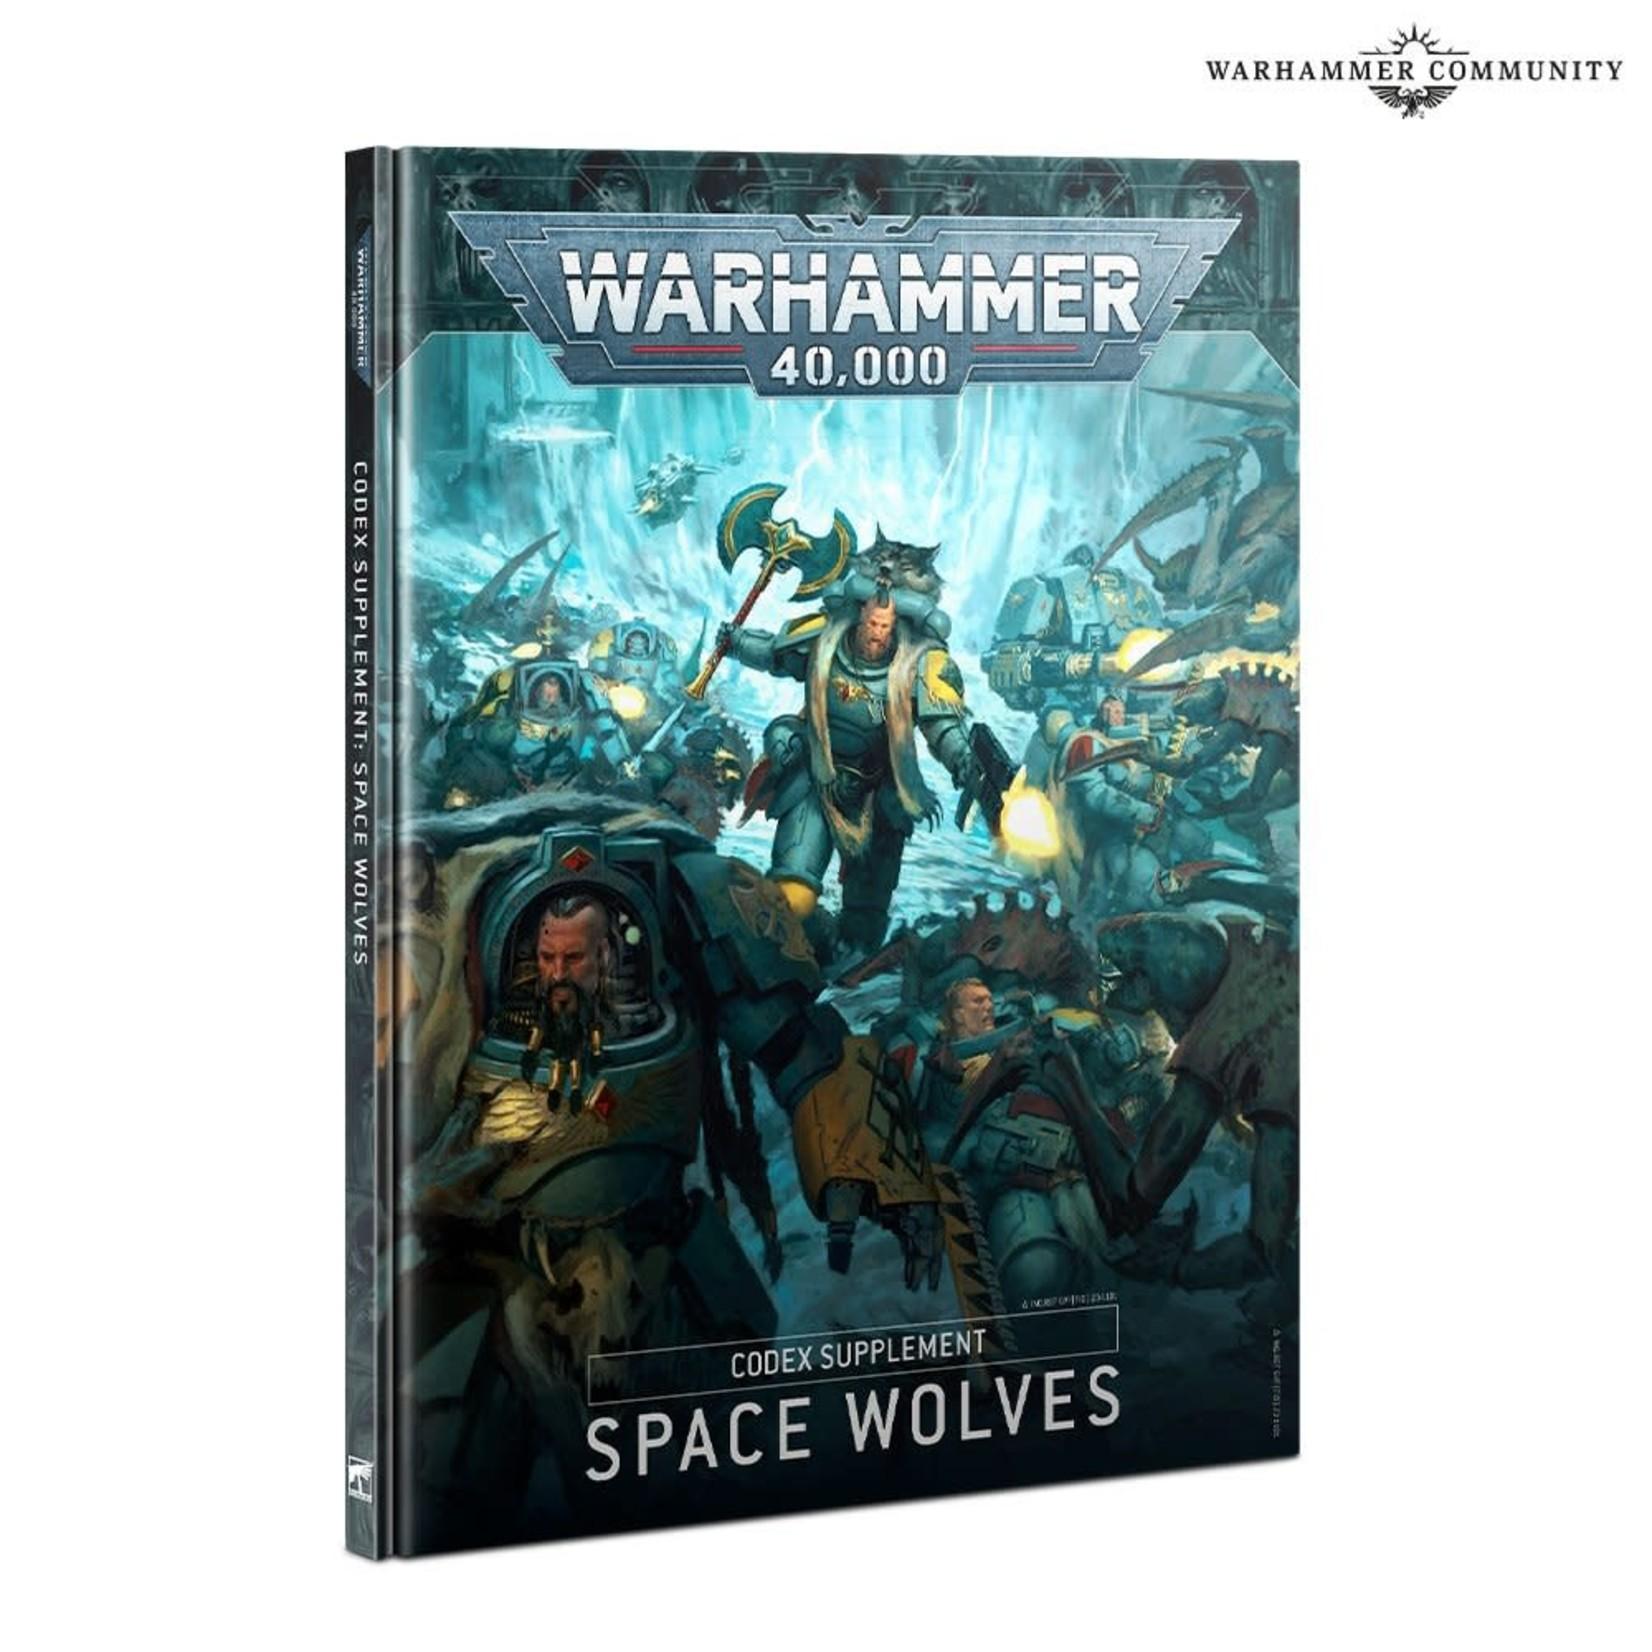 Games Workshop Warhammer 40k: Space Wolves - Codex Supplement